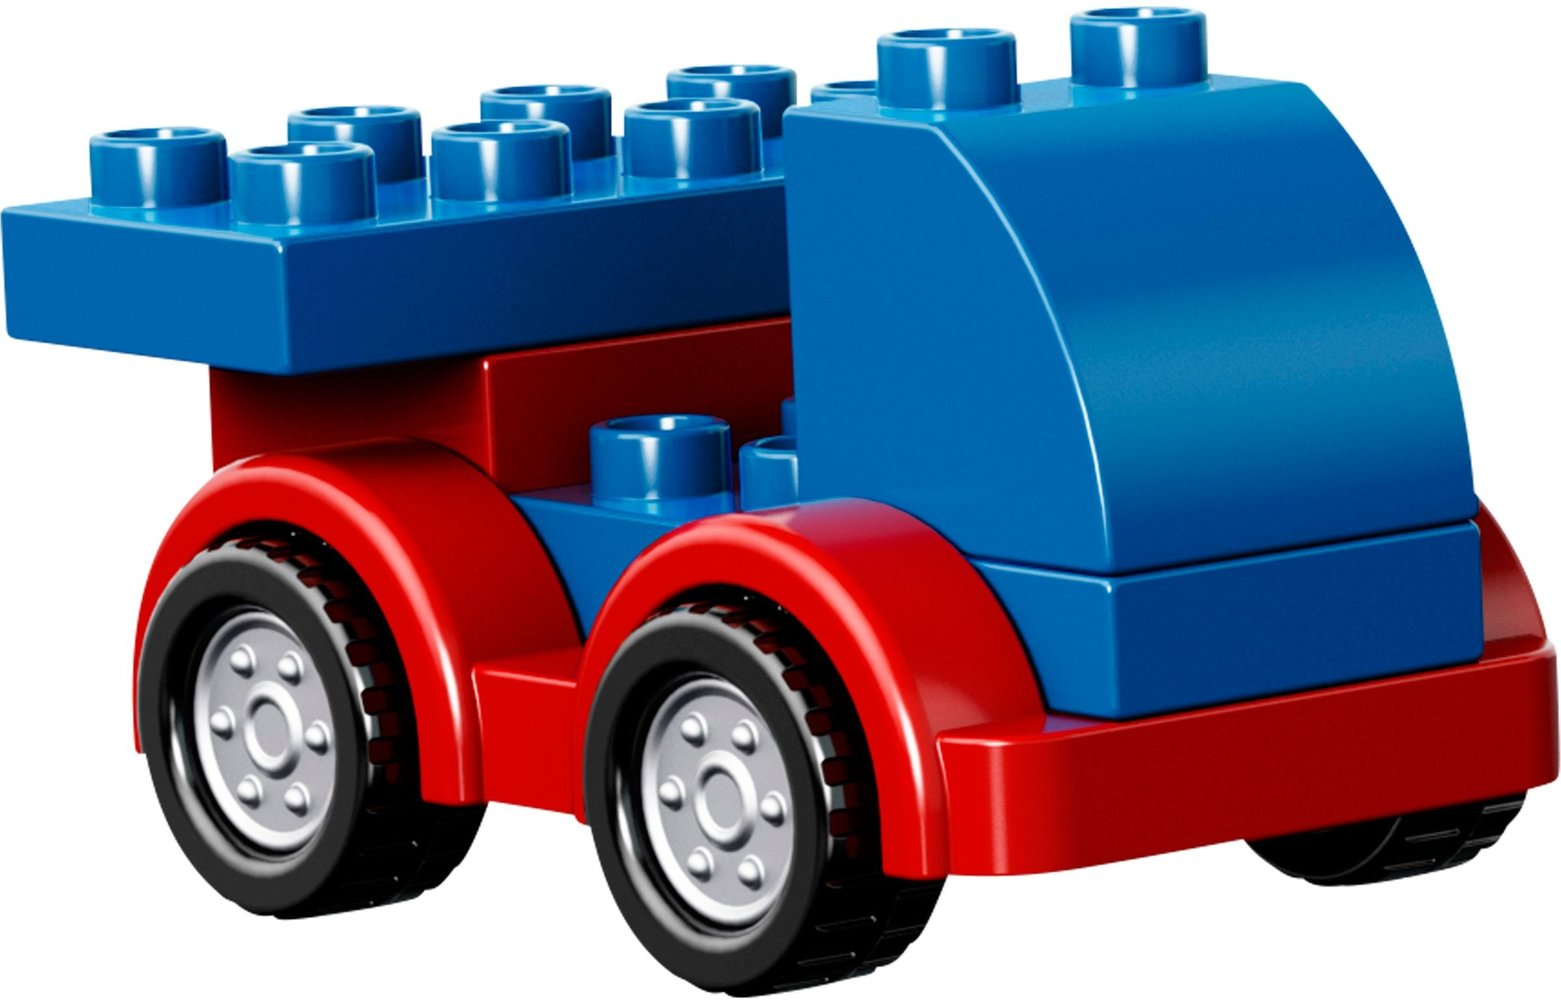 Lego Duplo 10580 pas cher, Boîte amusante de luxe XL LEGO ...